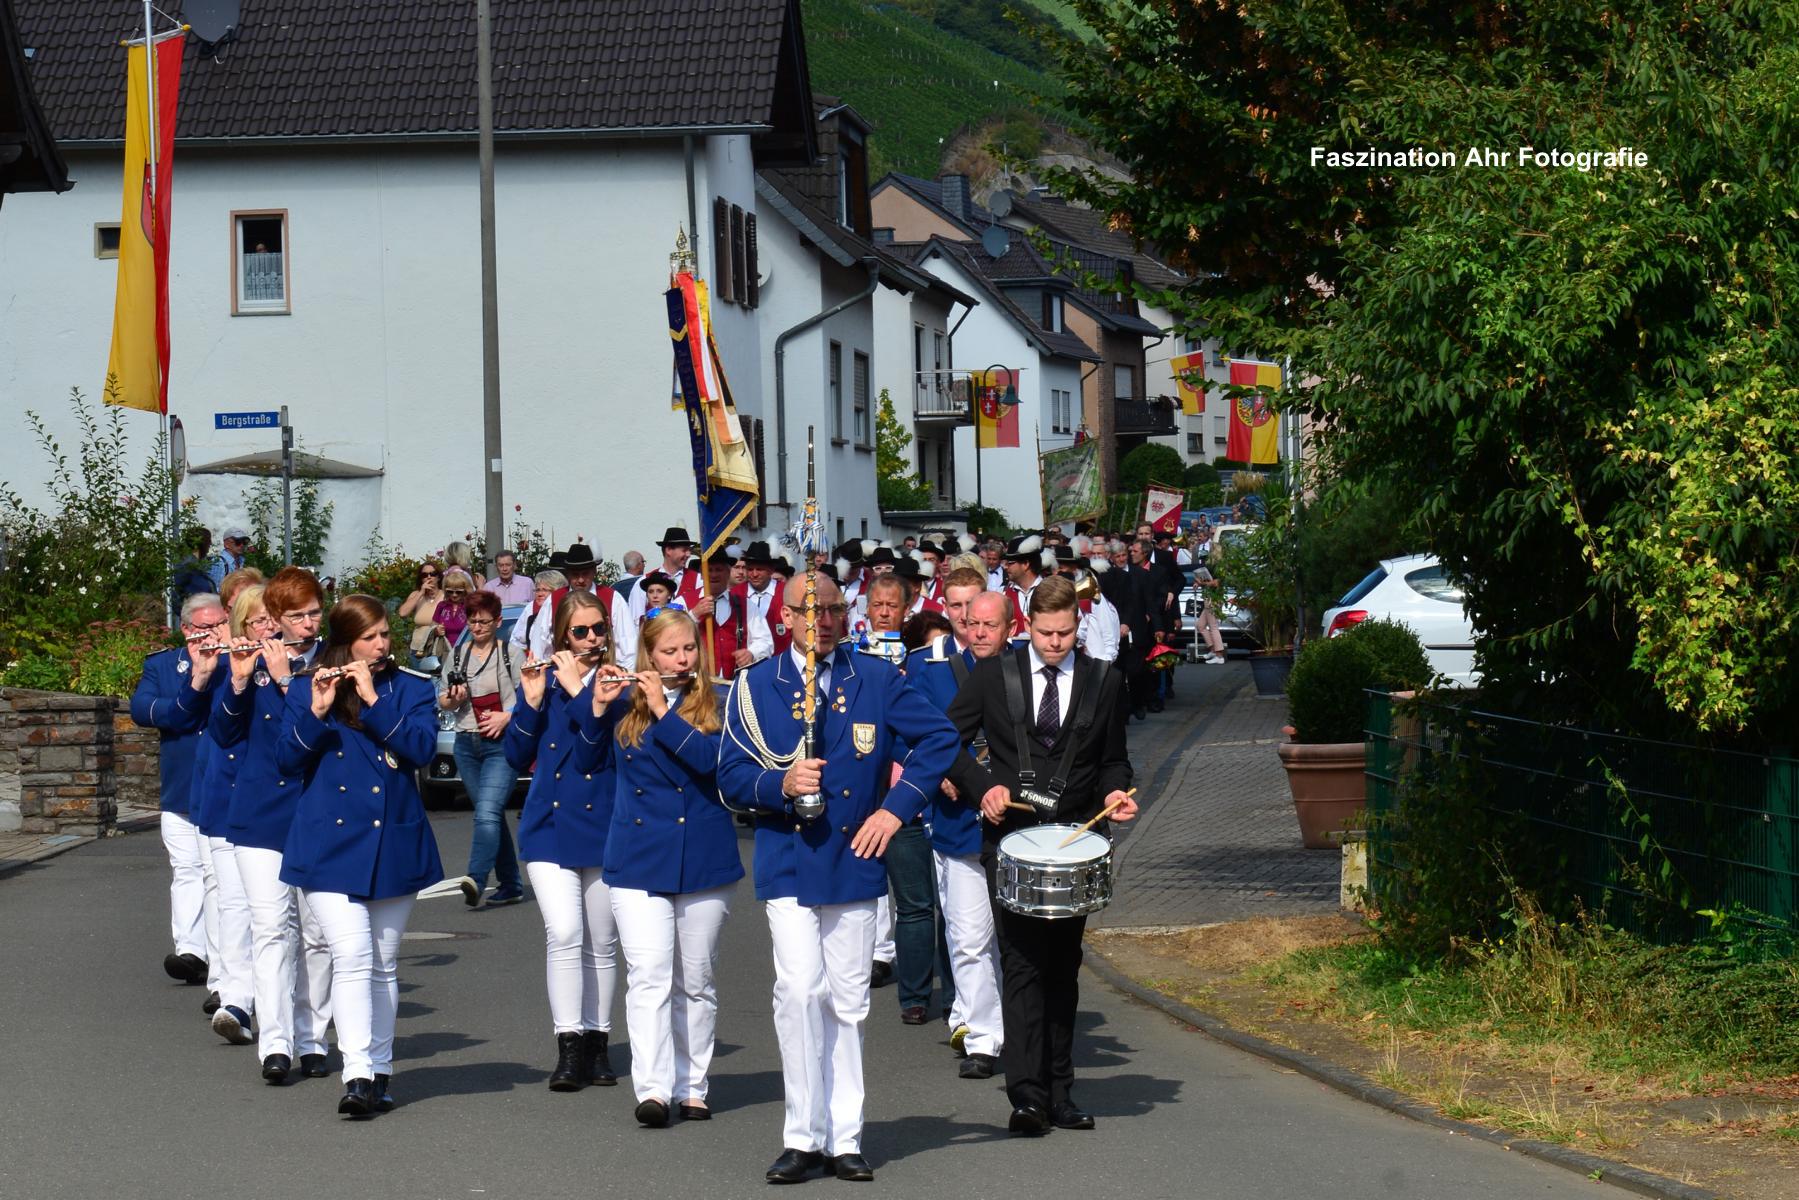 Dann kamen die Gäste unter musikalischer Begleitung des Tambour Corps Dernau und...